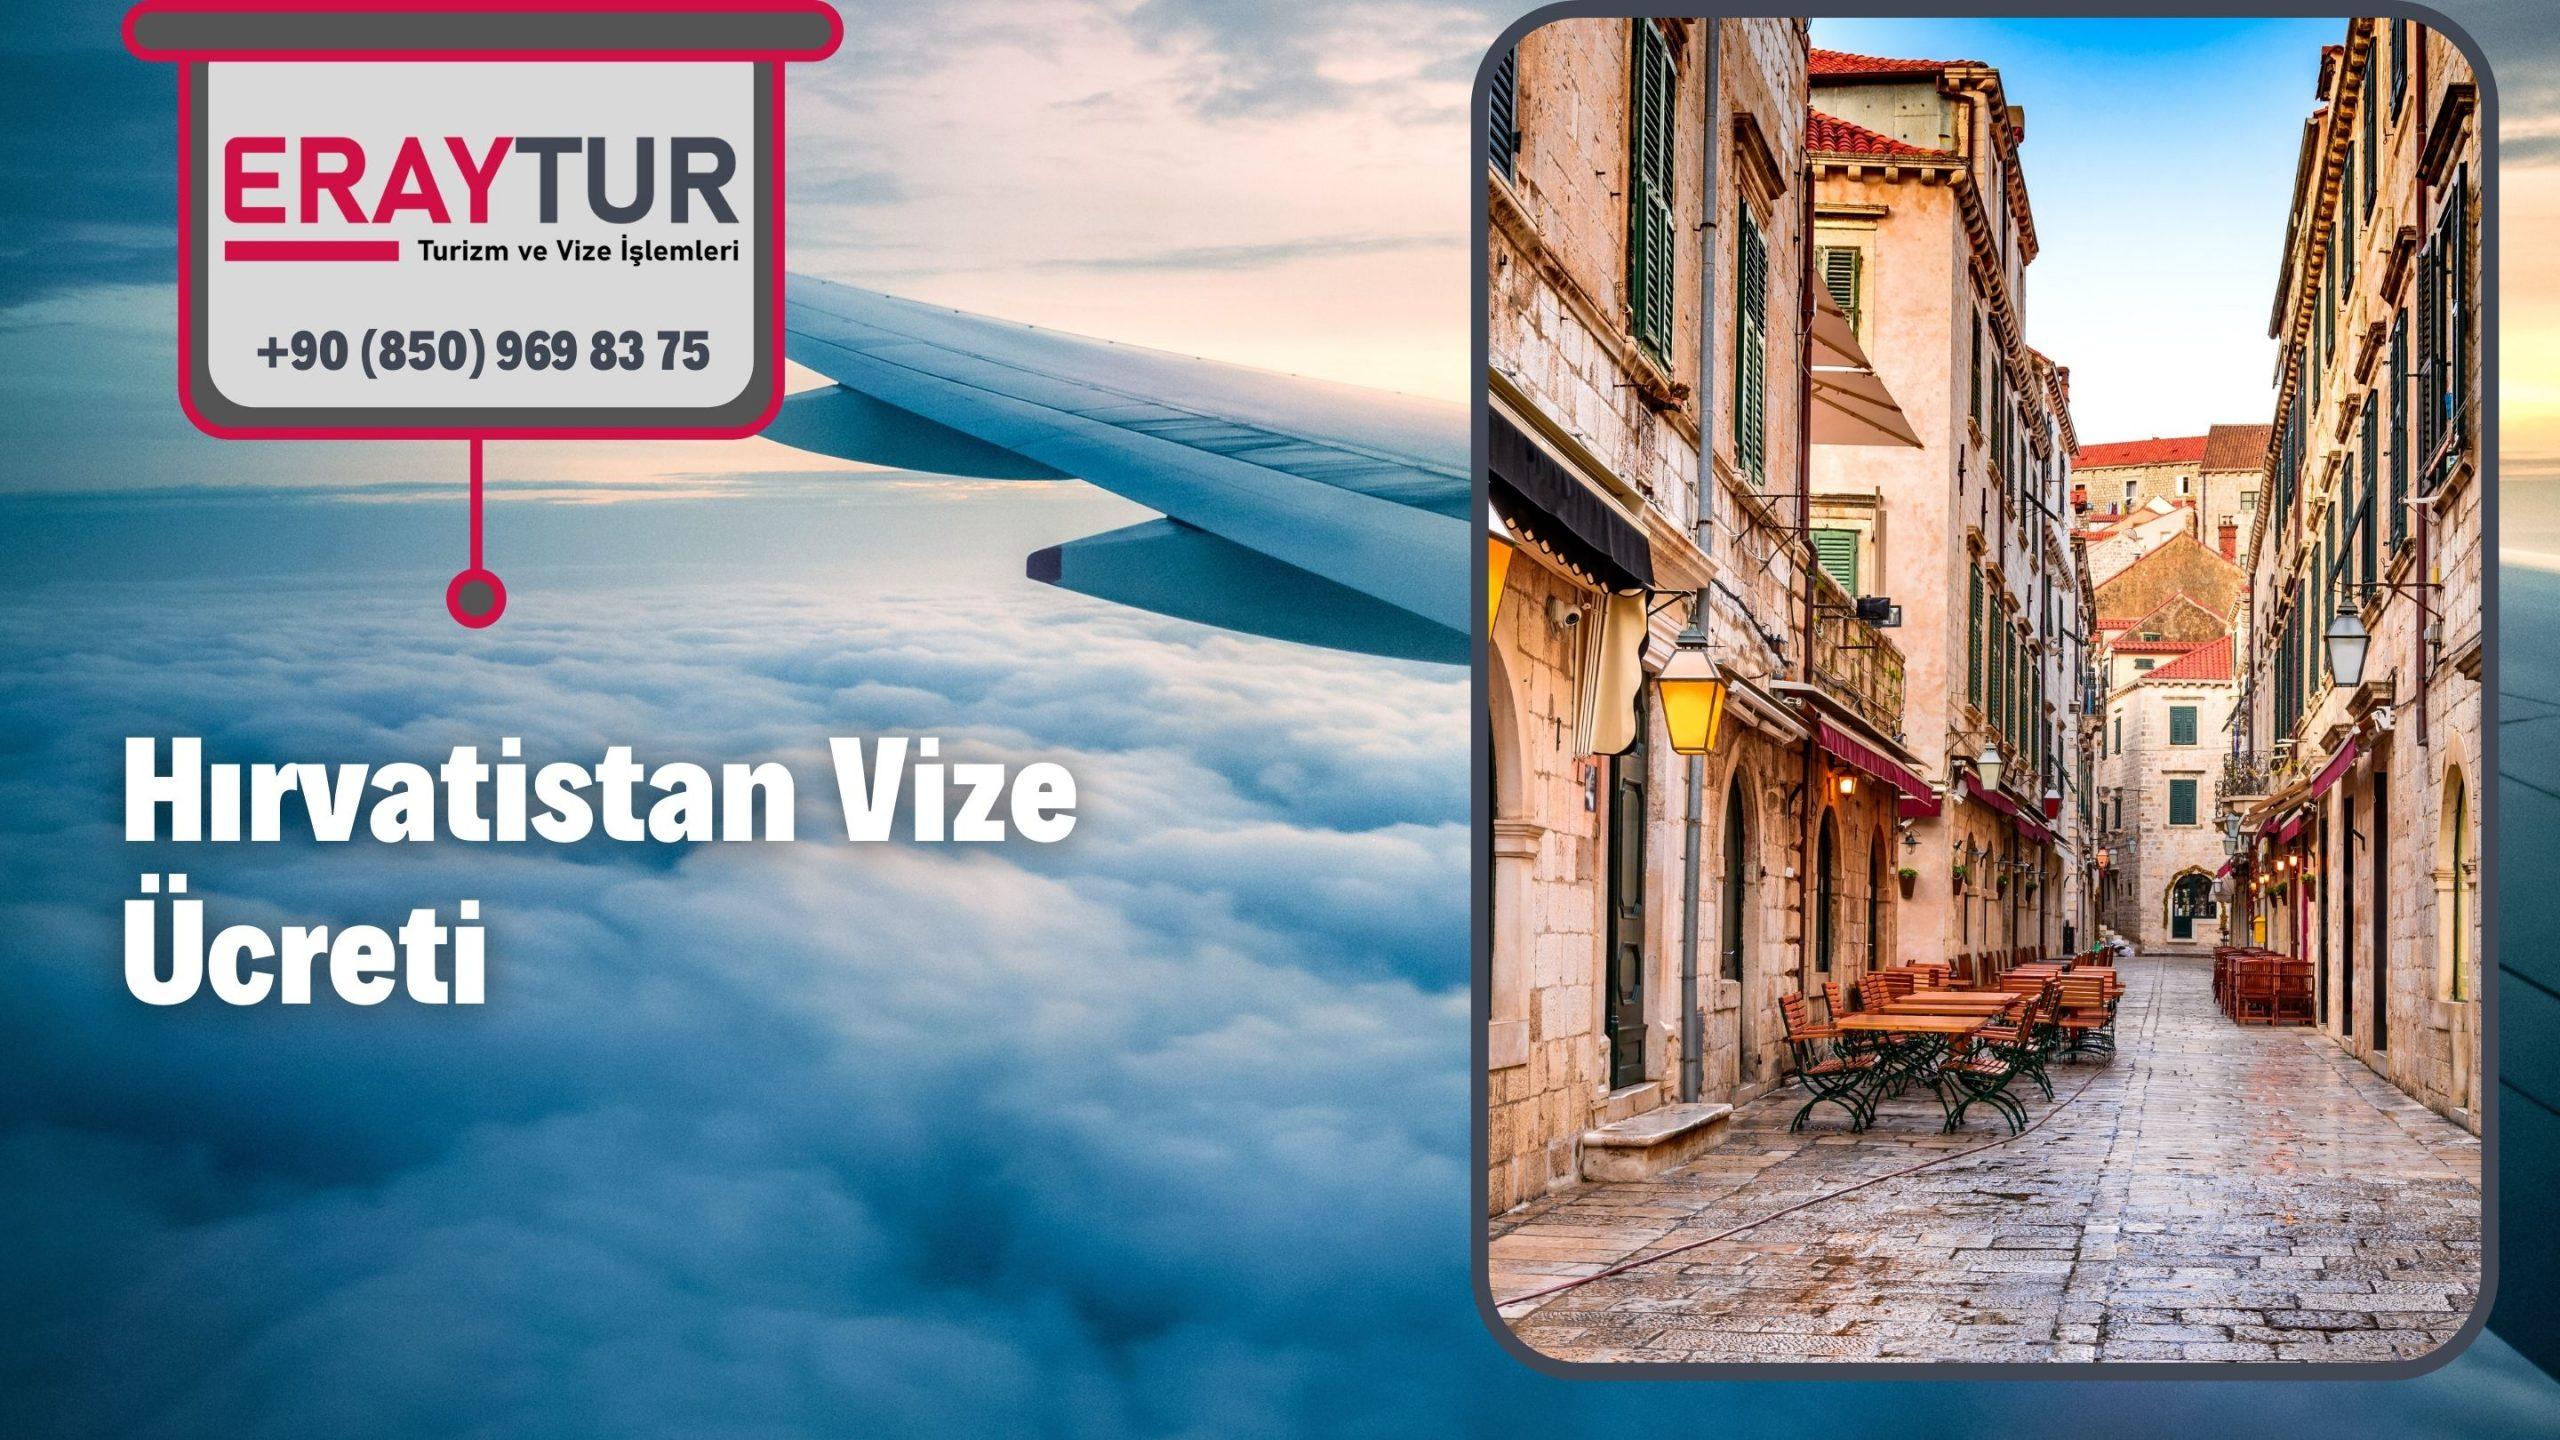 Hırvatistan Vize Ücreti